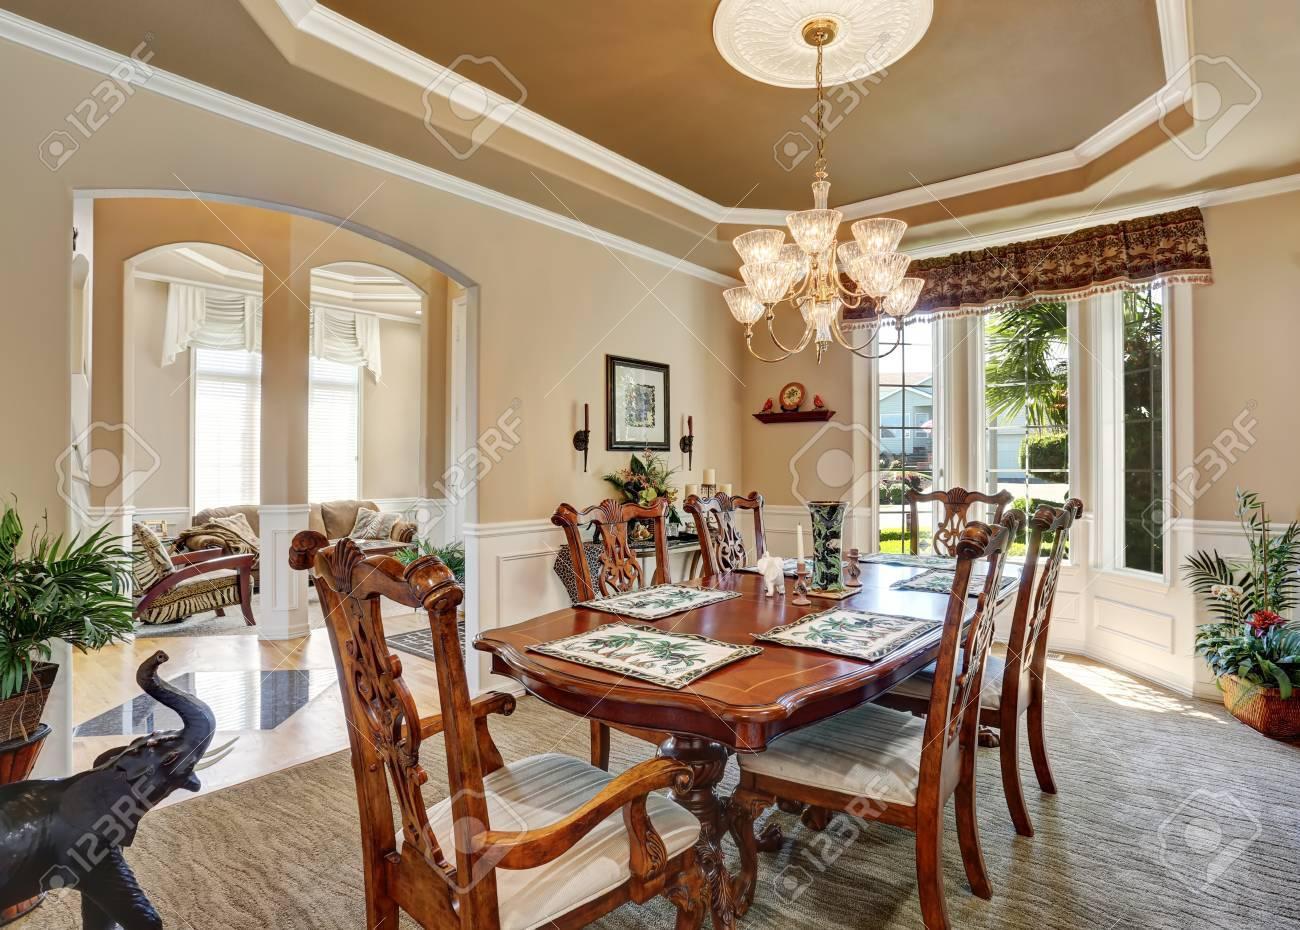 Diseño Interior Precioso Comedor Con Muebles De época, Ventanas ...